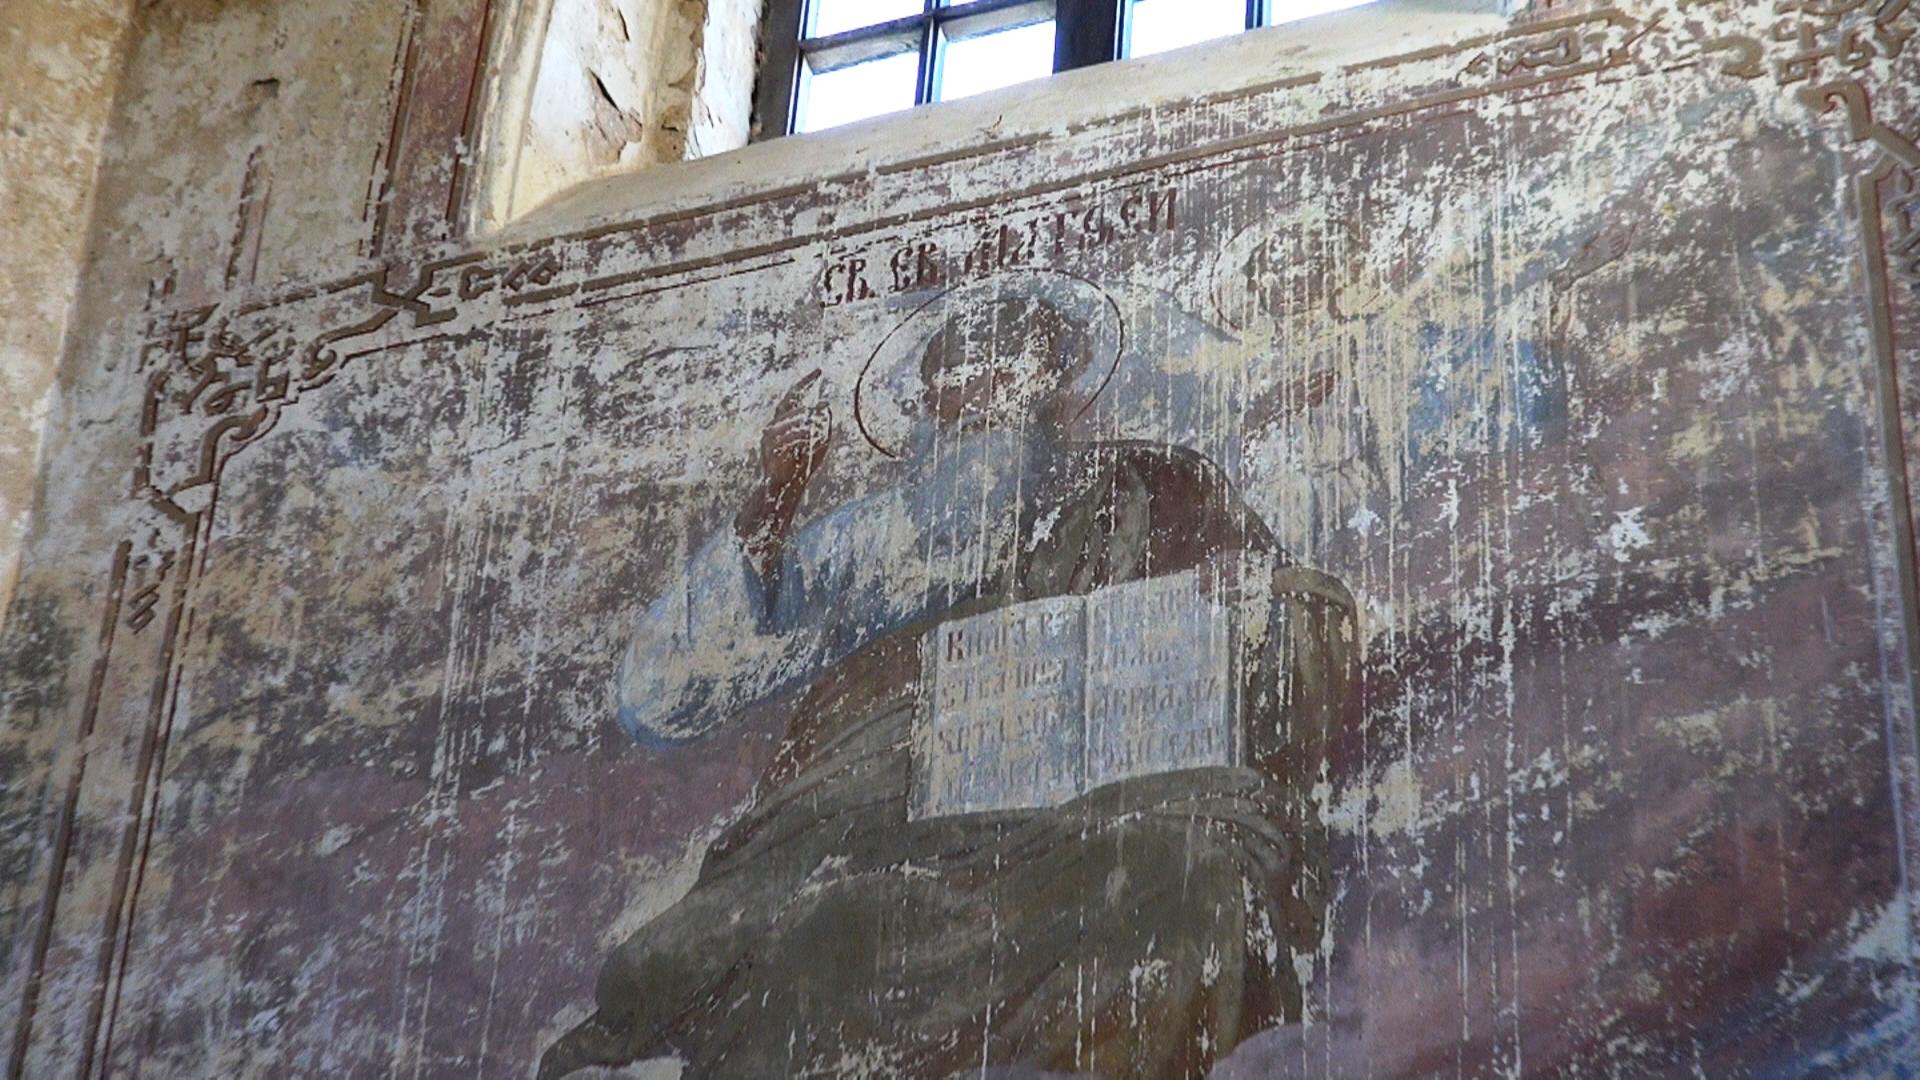 Фрагменты росписи церкви Ильи Пророка. фото Михаила Шейко, 2013 год.